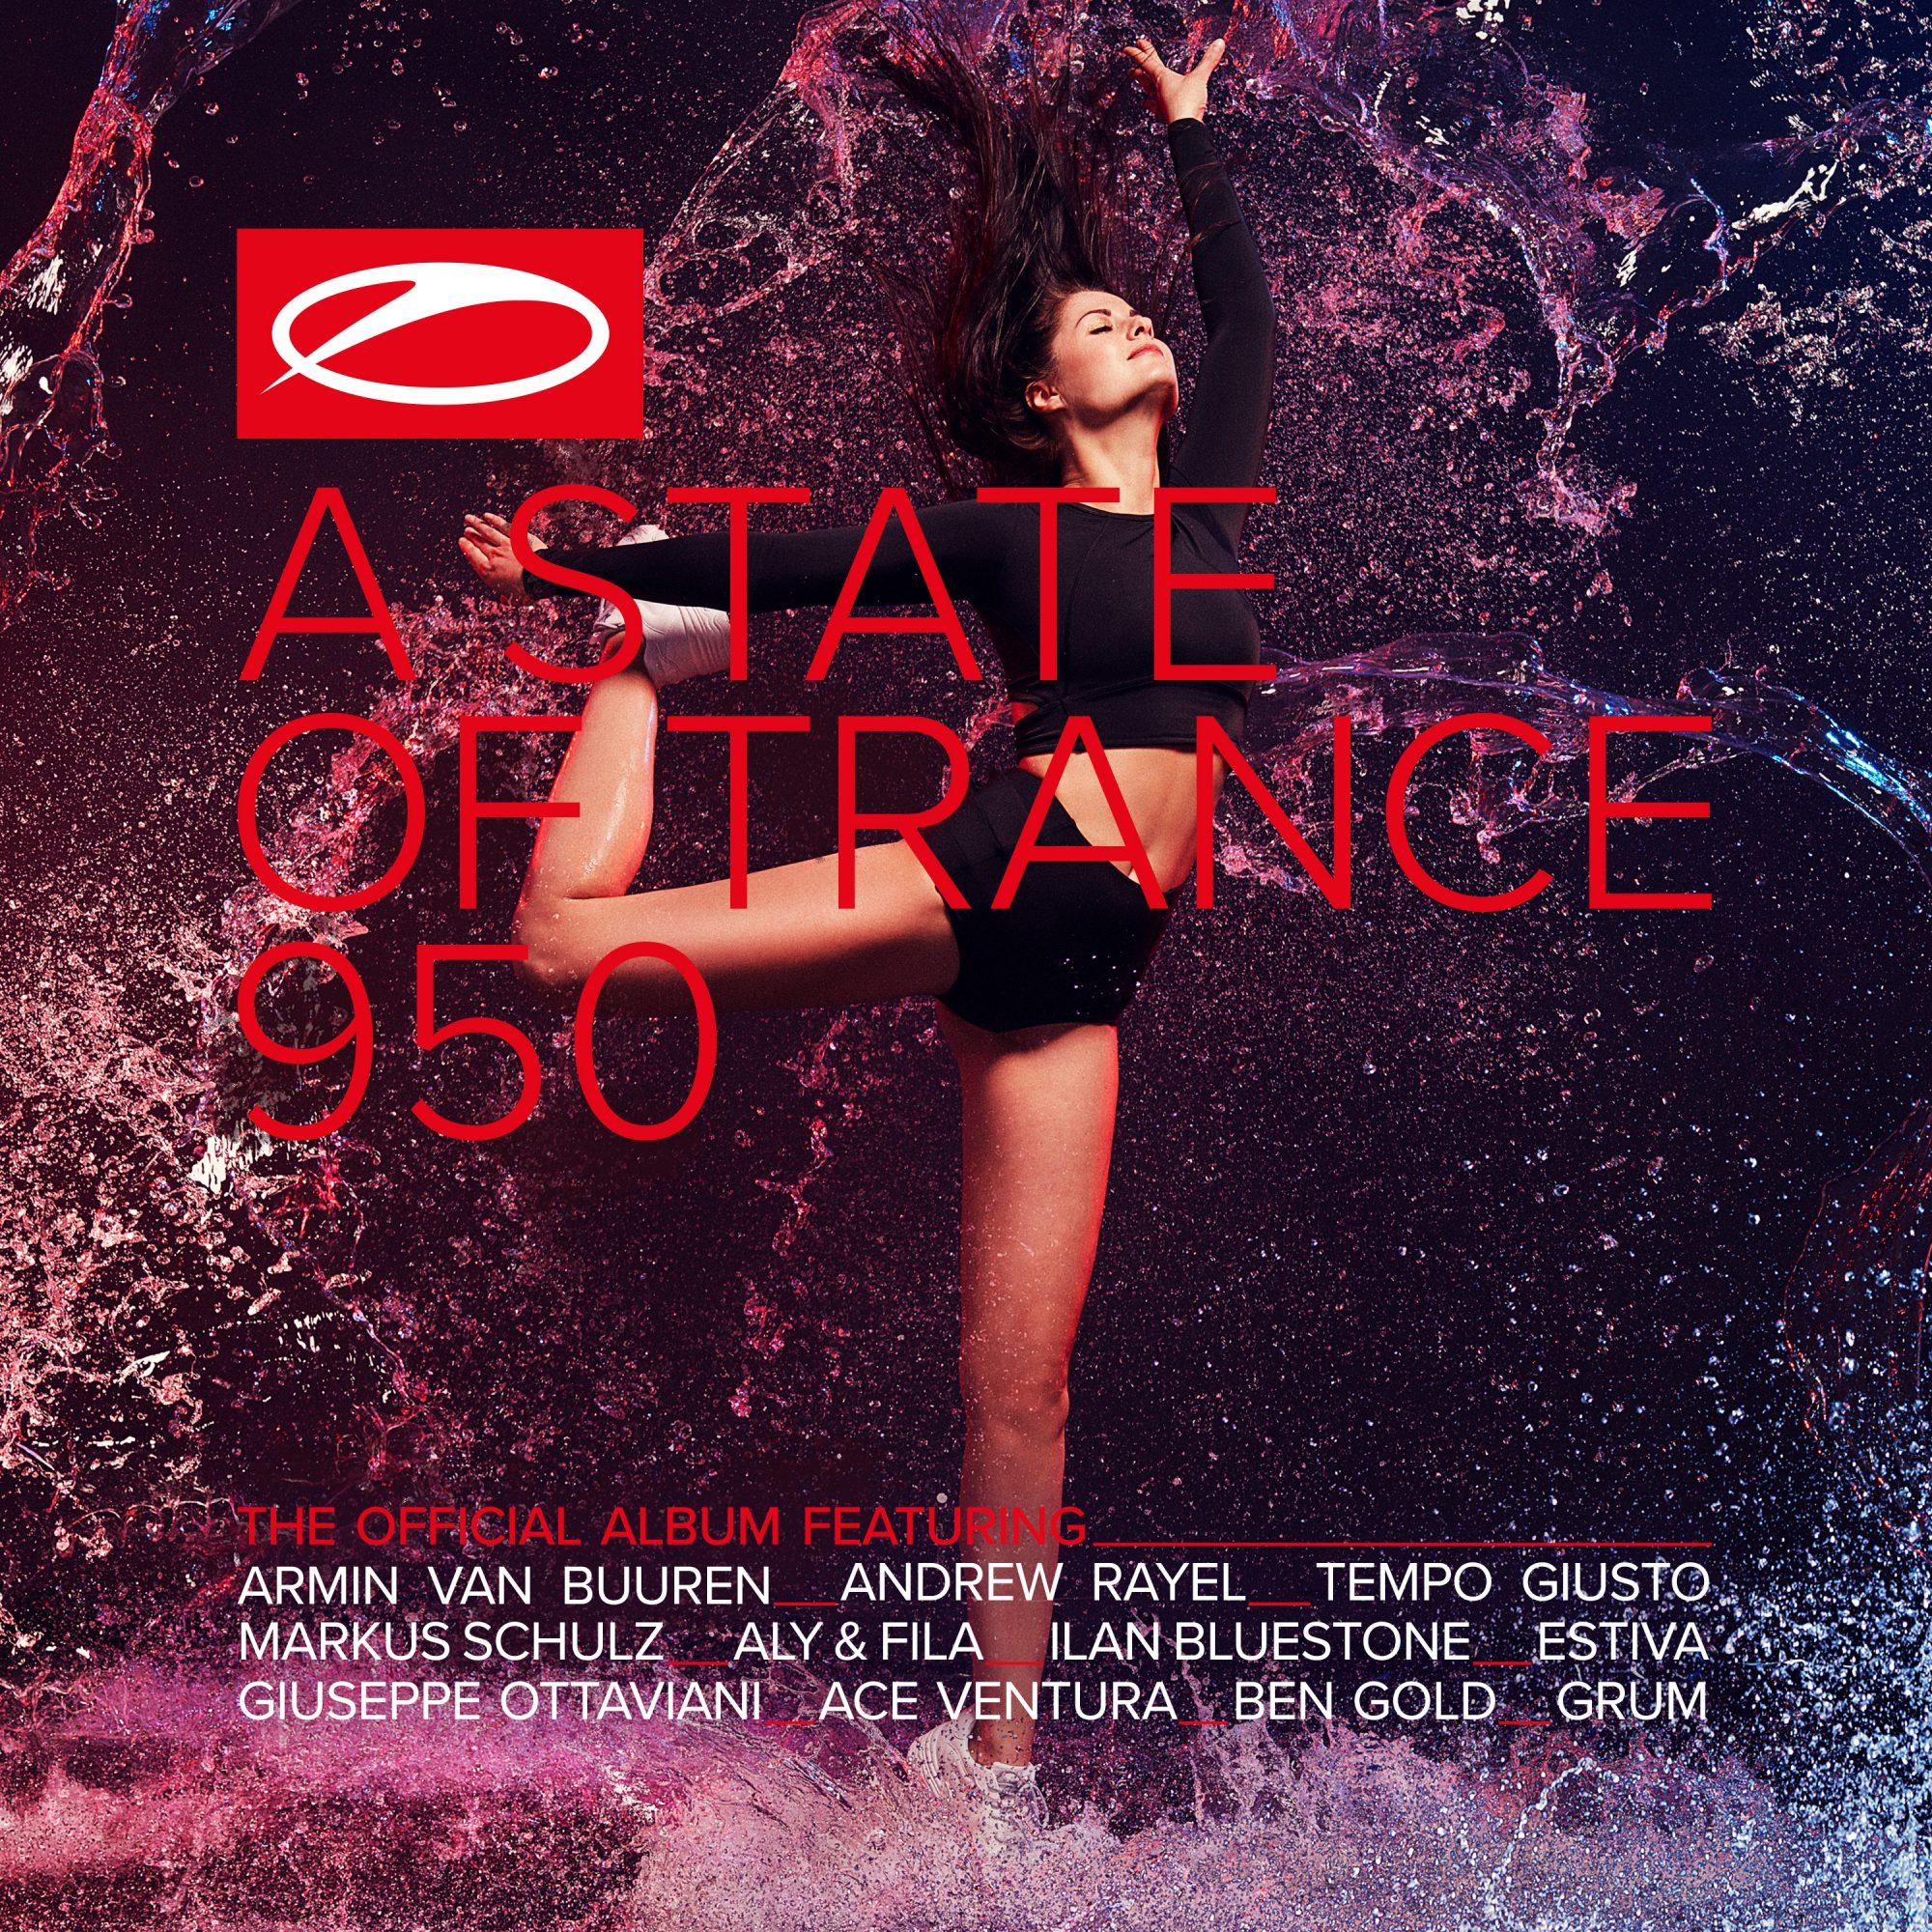 A State Of Trance 950 compilation ile ilgili görsel sonucu